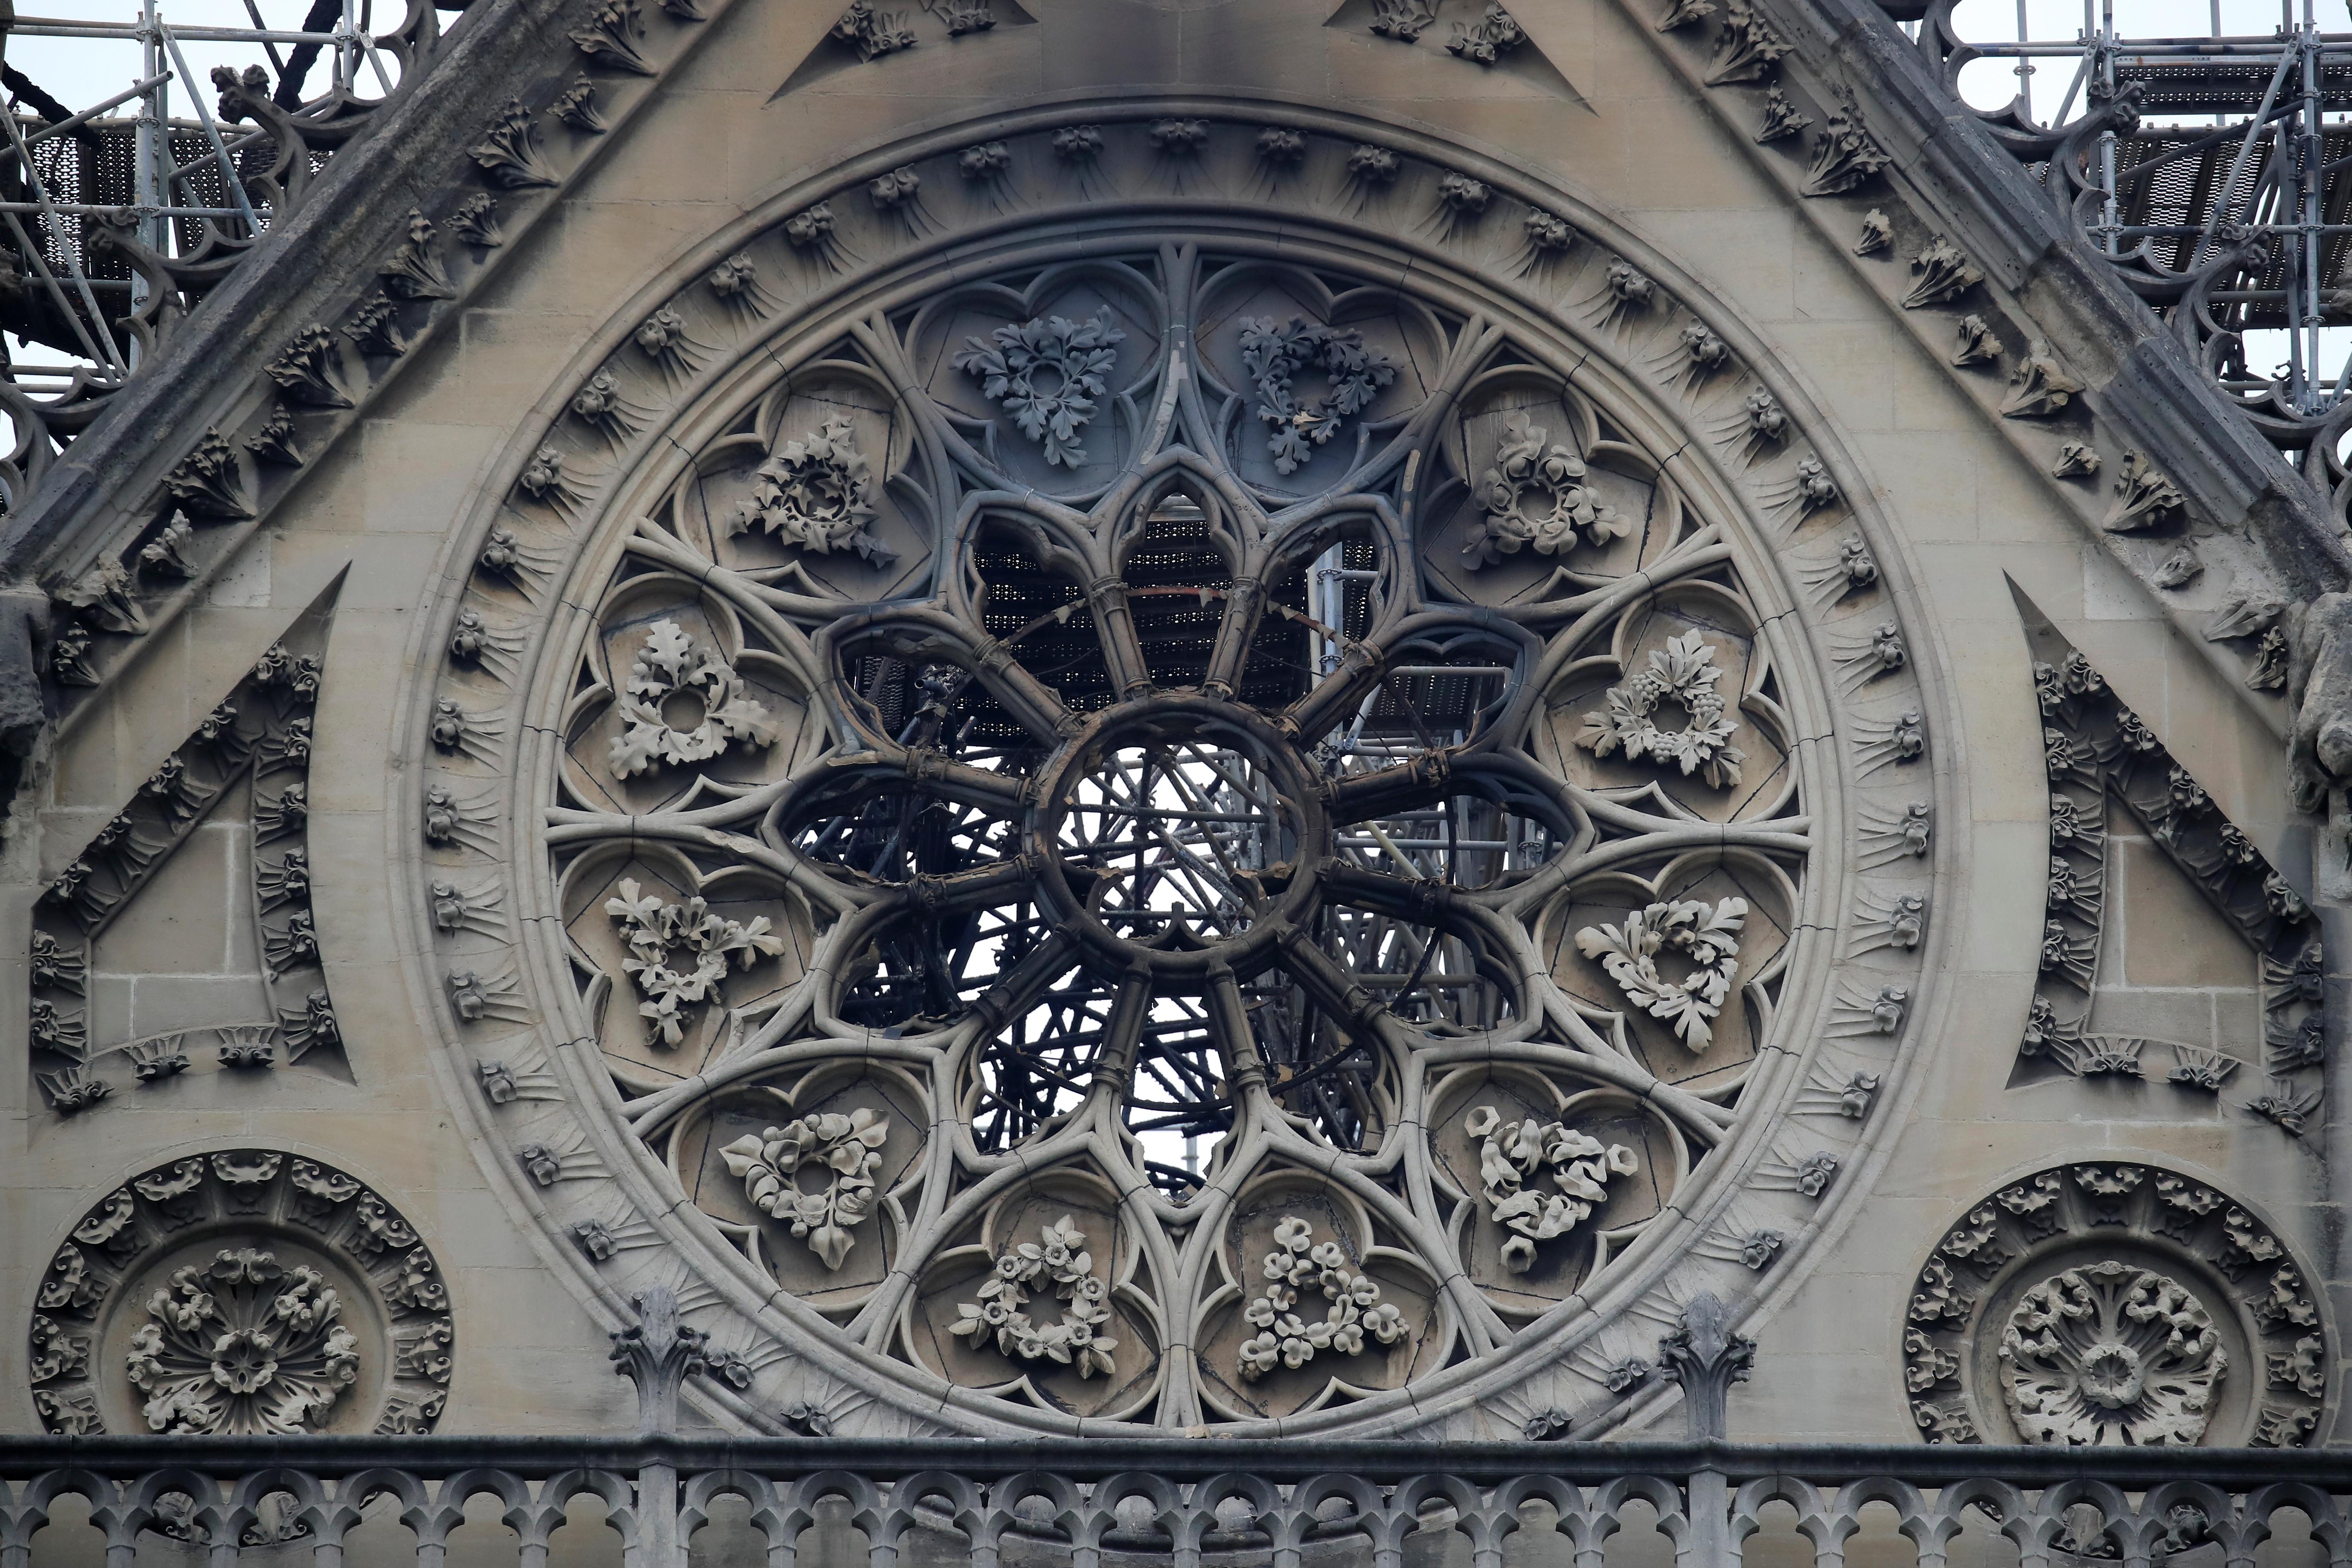 Dos tercios de la techumbre de la catedral de París se han quemado con el incendio, explicó este martes el ministro francés de Cultura, Franck Riester, que subrayó que la prioridad ahora es asegurarse de que no haya focos de fuego que se reaviven